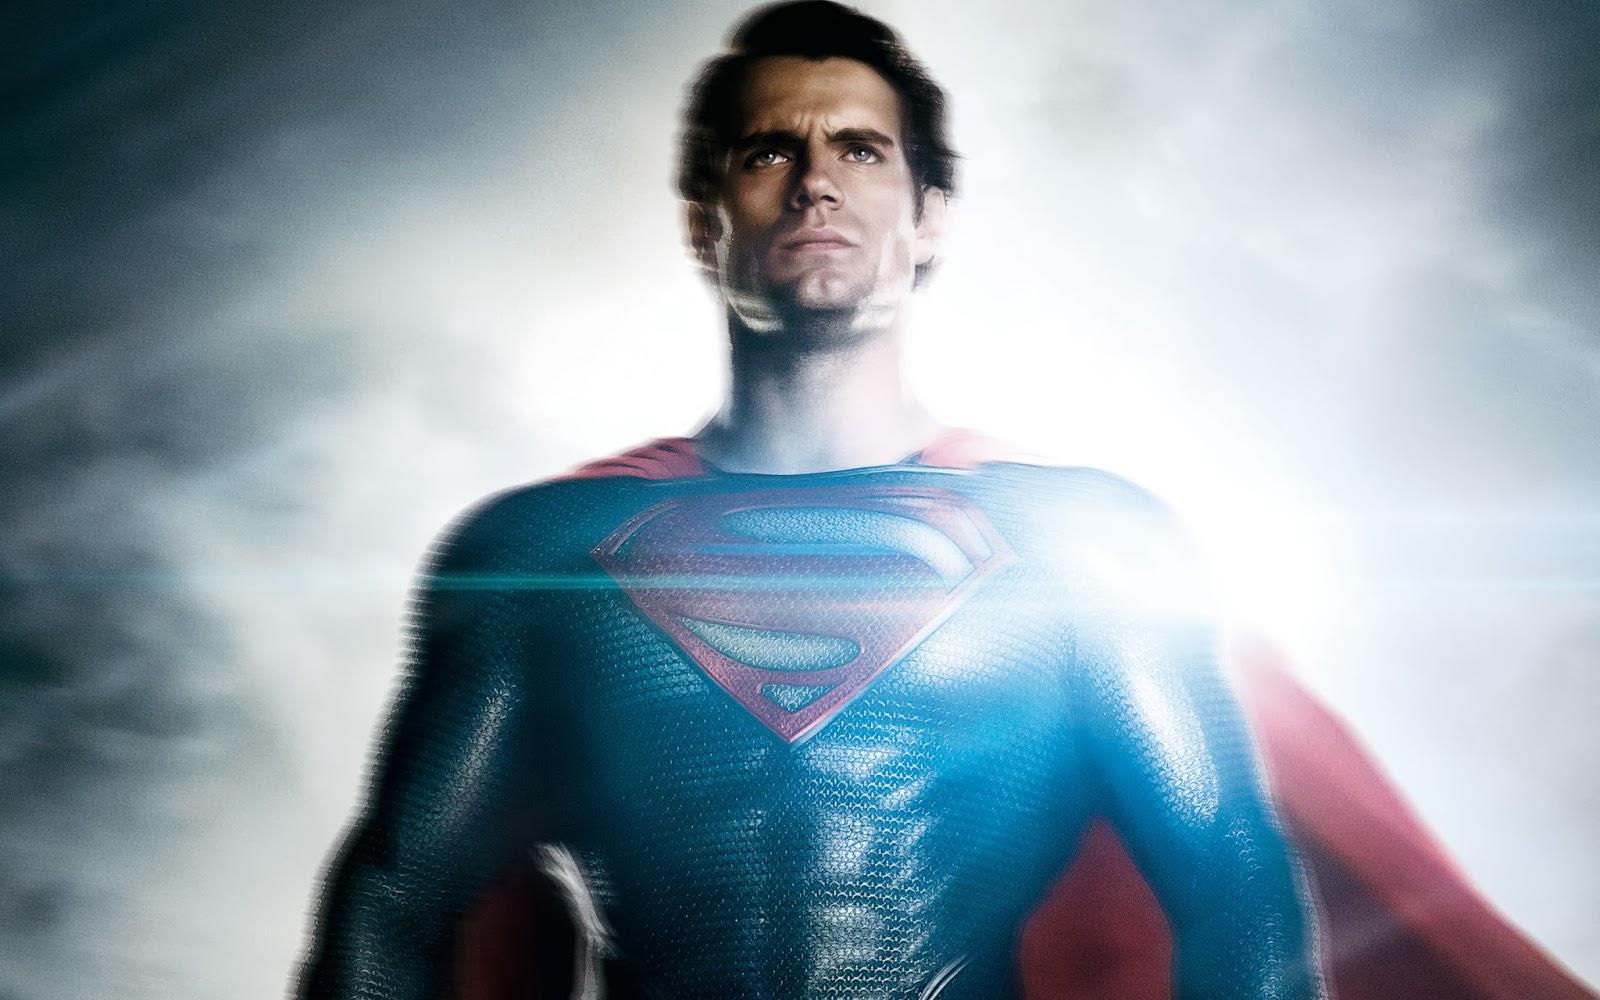 """<img src=""""http://2.bp.blogspot.com/-iQT2NRyU7qE/Uuqwg-RLq0I/AAAAAAAAKuo/0q7eTF-5R_w/s1600/superman-wallpaper.jpg"""" alt=""""superman wallpaper"""" />"""